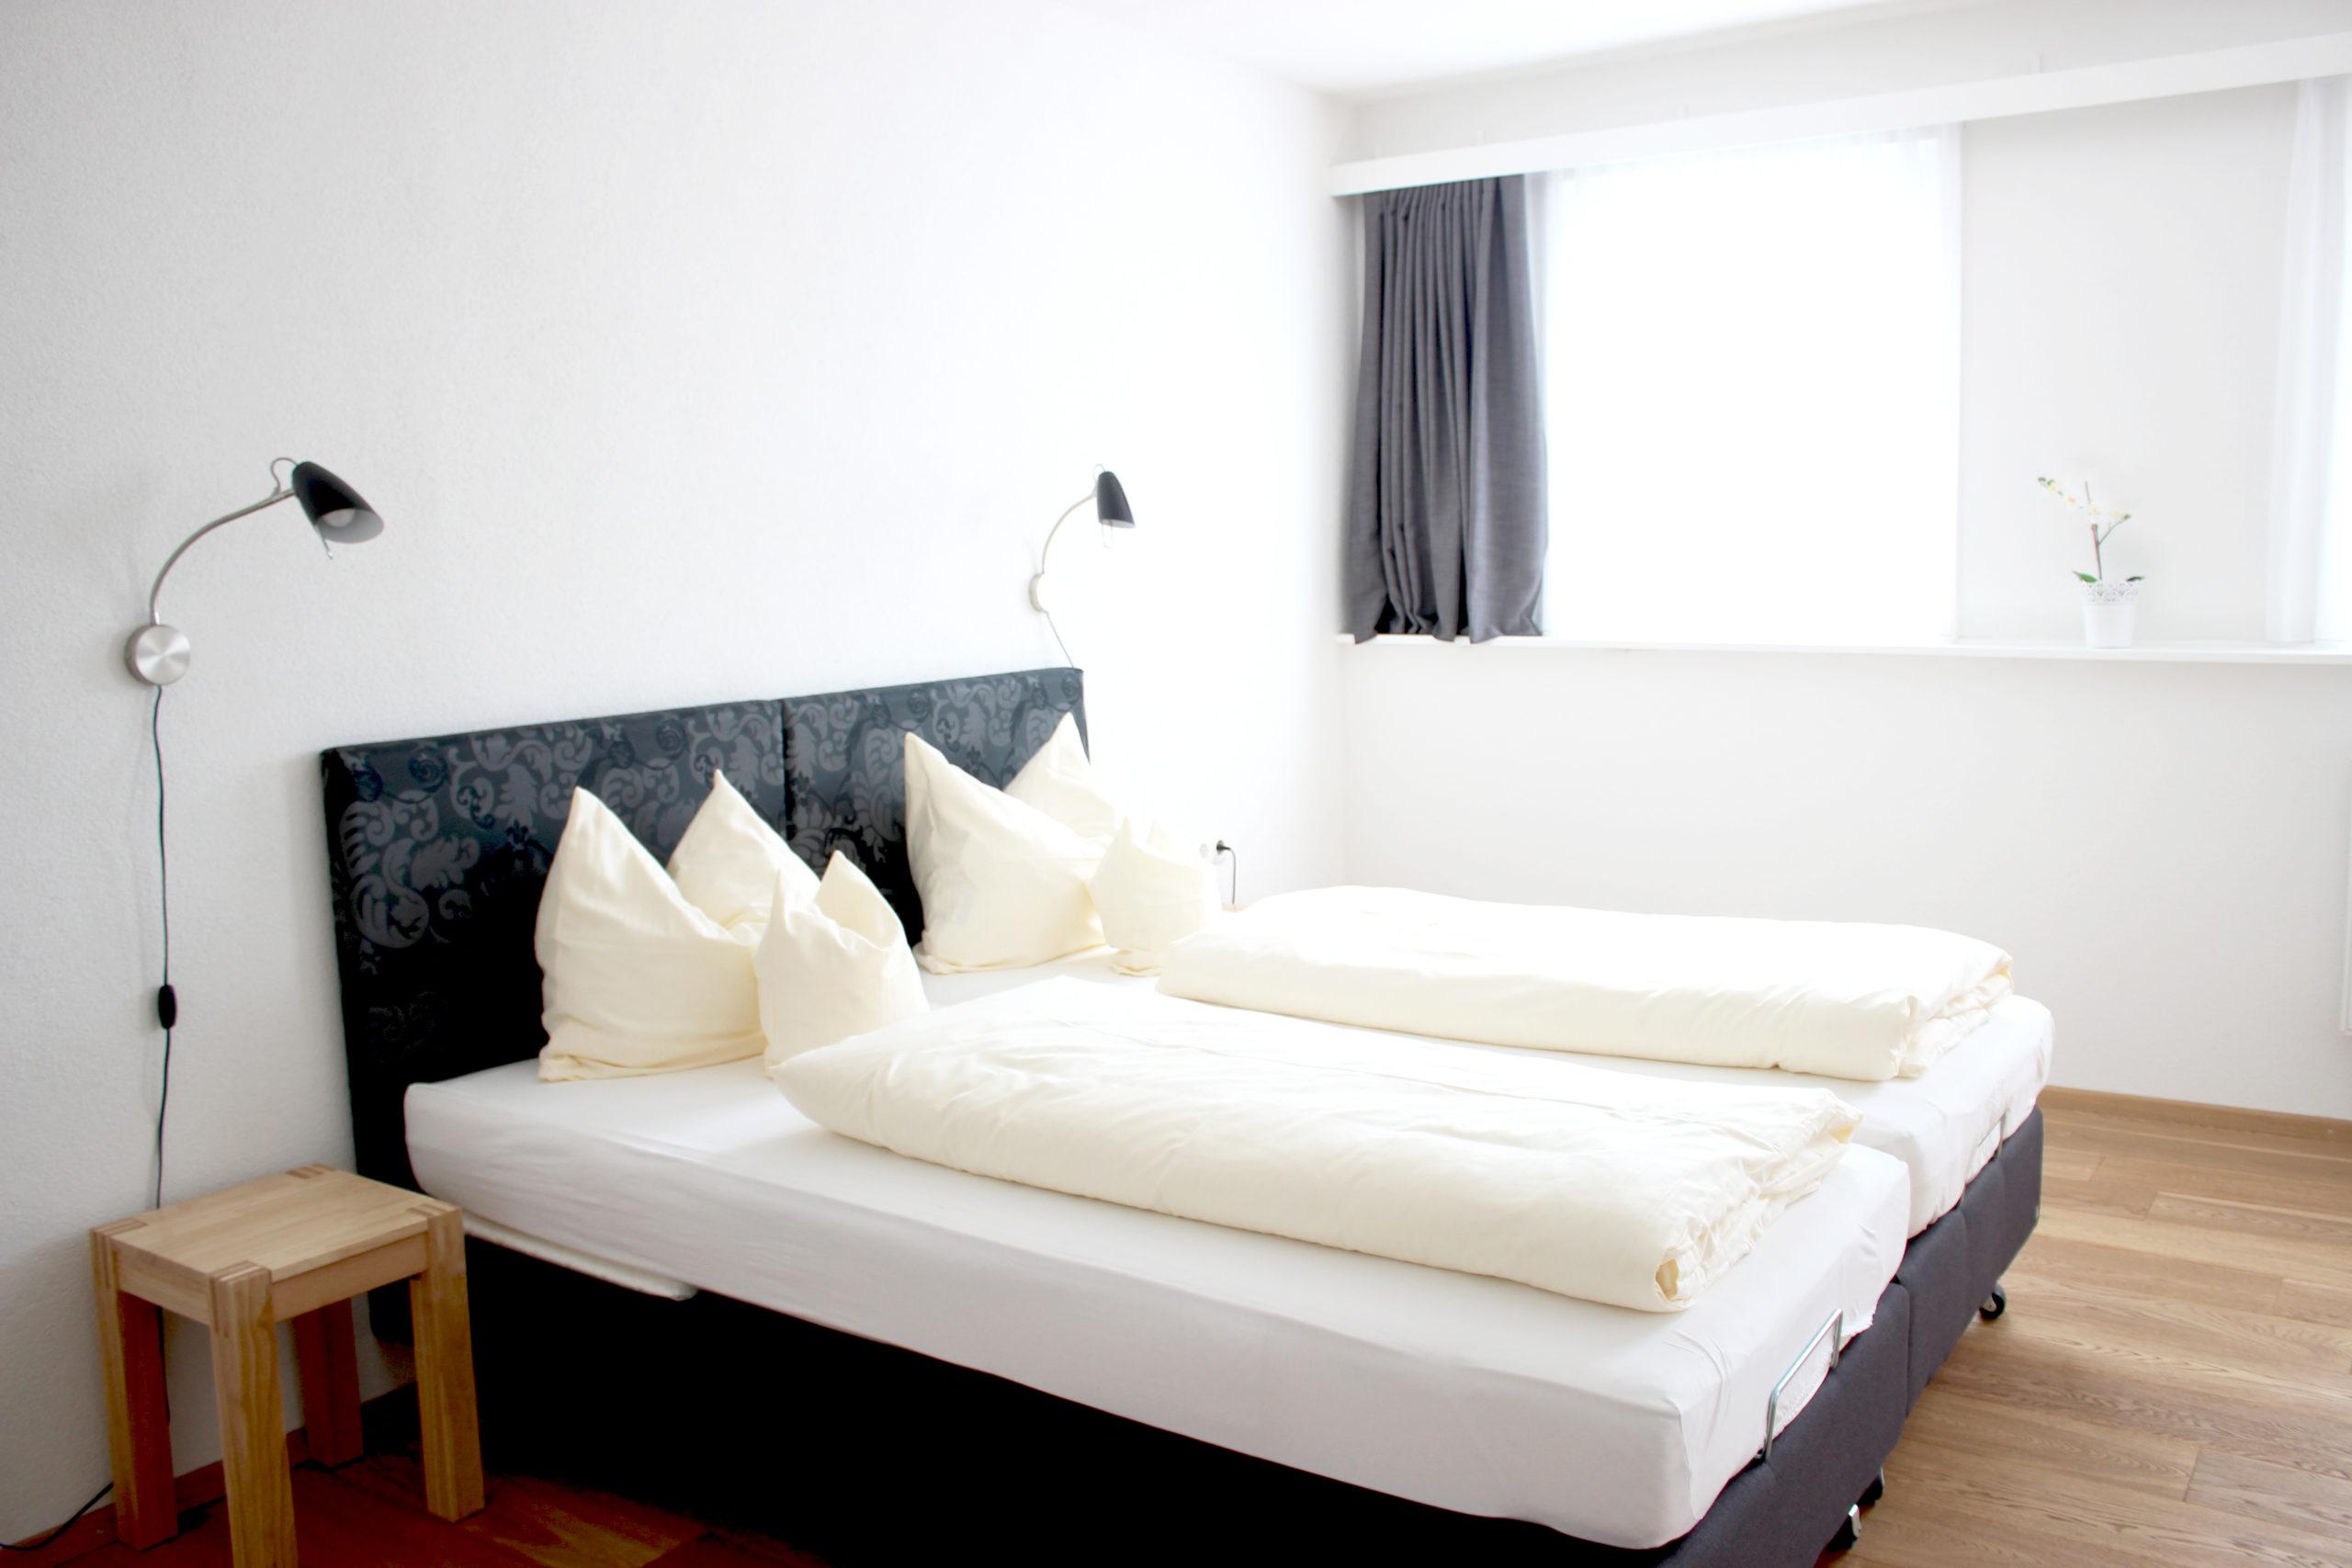 gemütliche Betten im Schlafzimmer